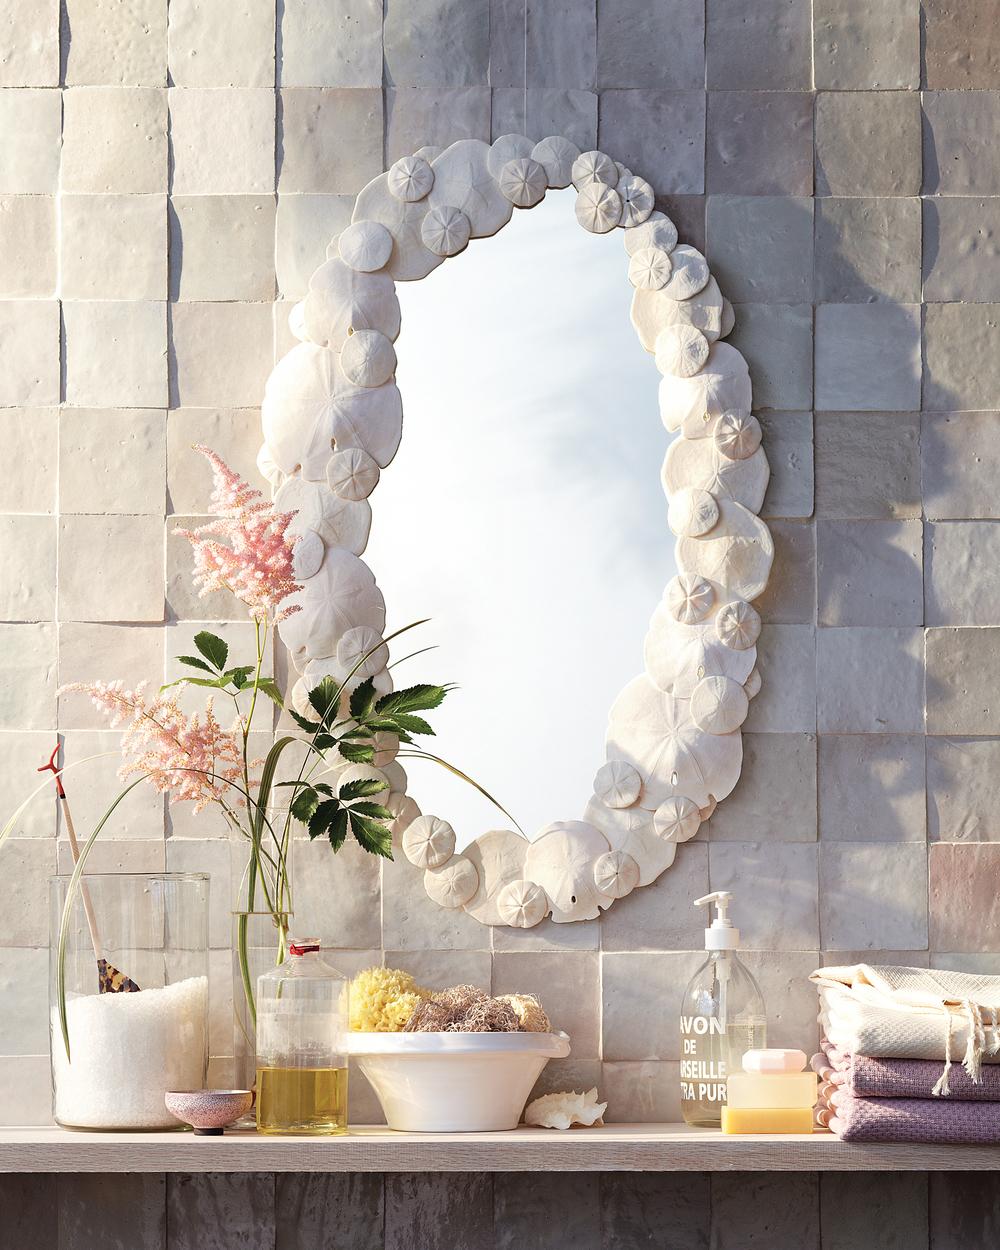 MLD107462_mirror1_144.jpg